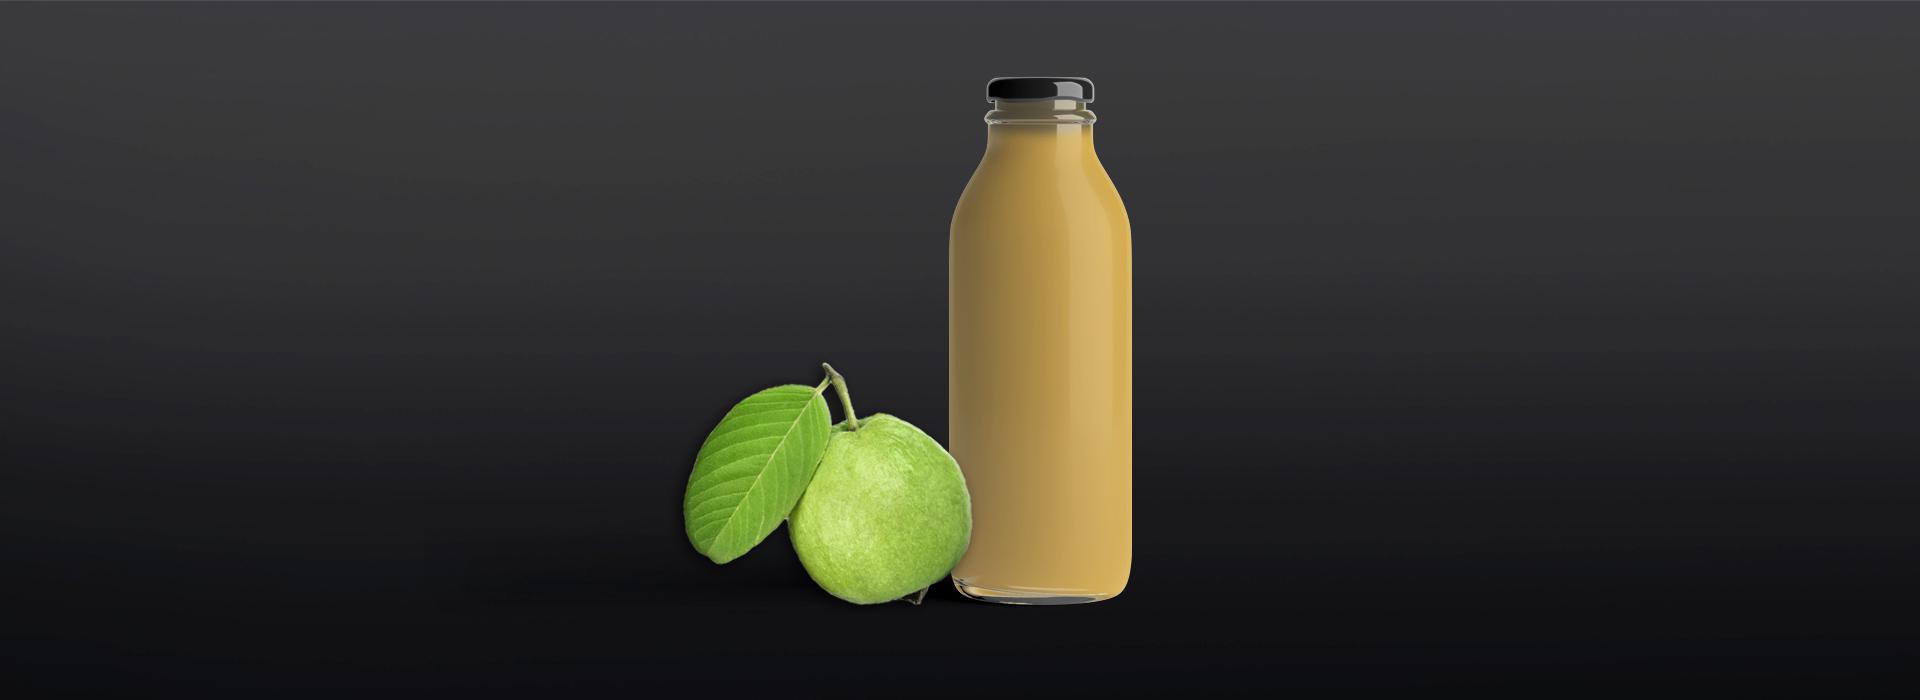 sraml-guava-puree